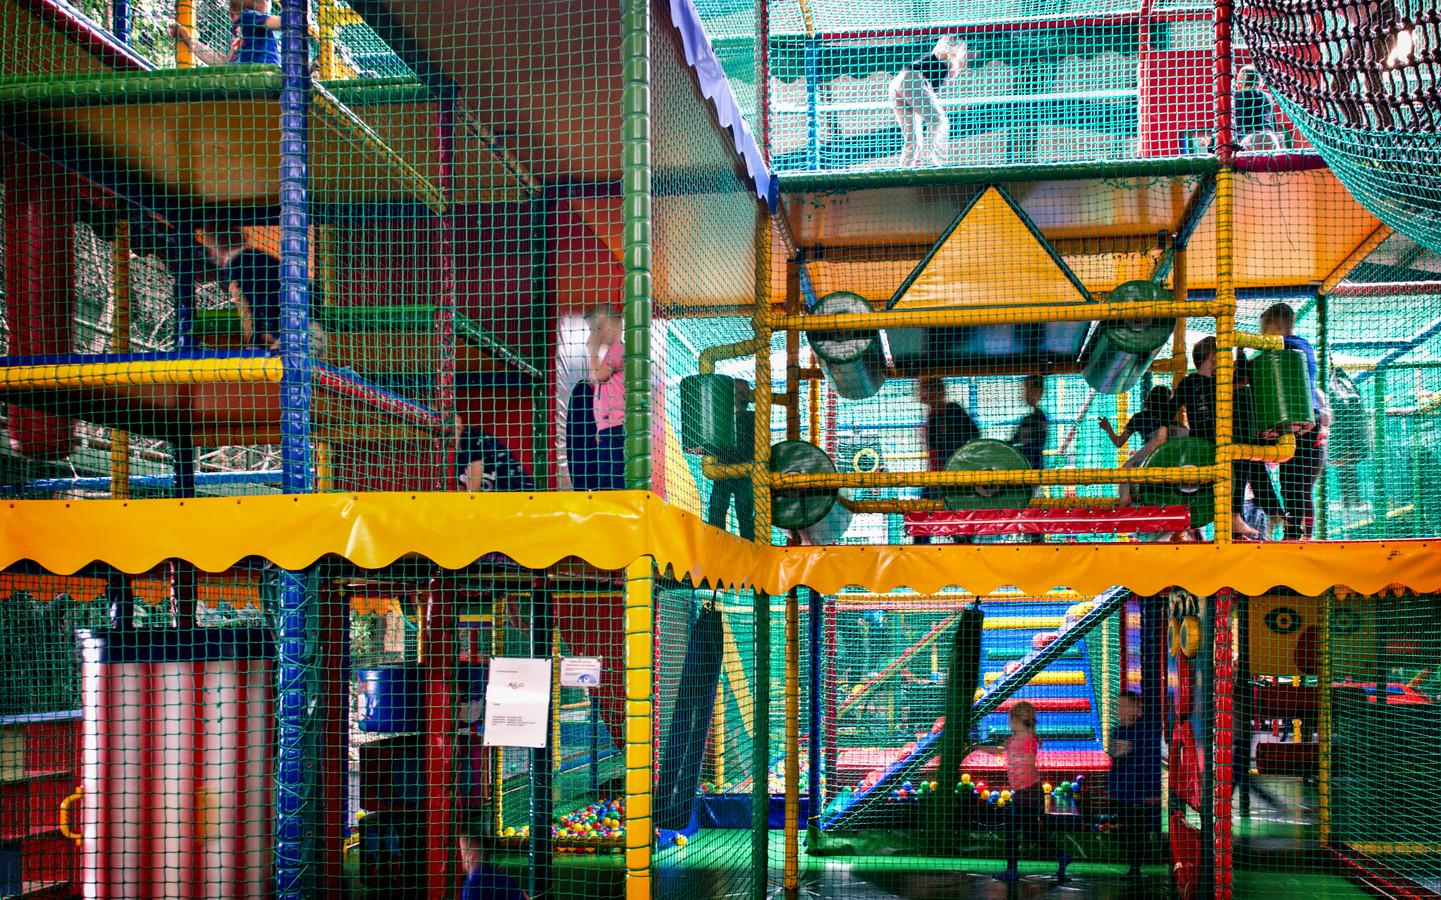 Binnenspeeltuinen hebben protocollen voor de omgang met agressieve bezoekers.